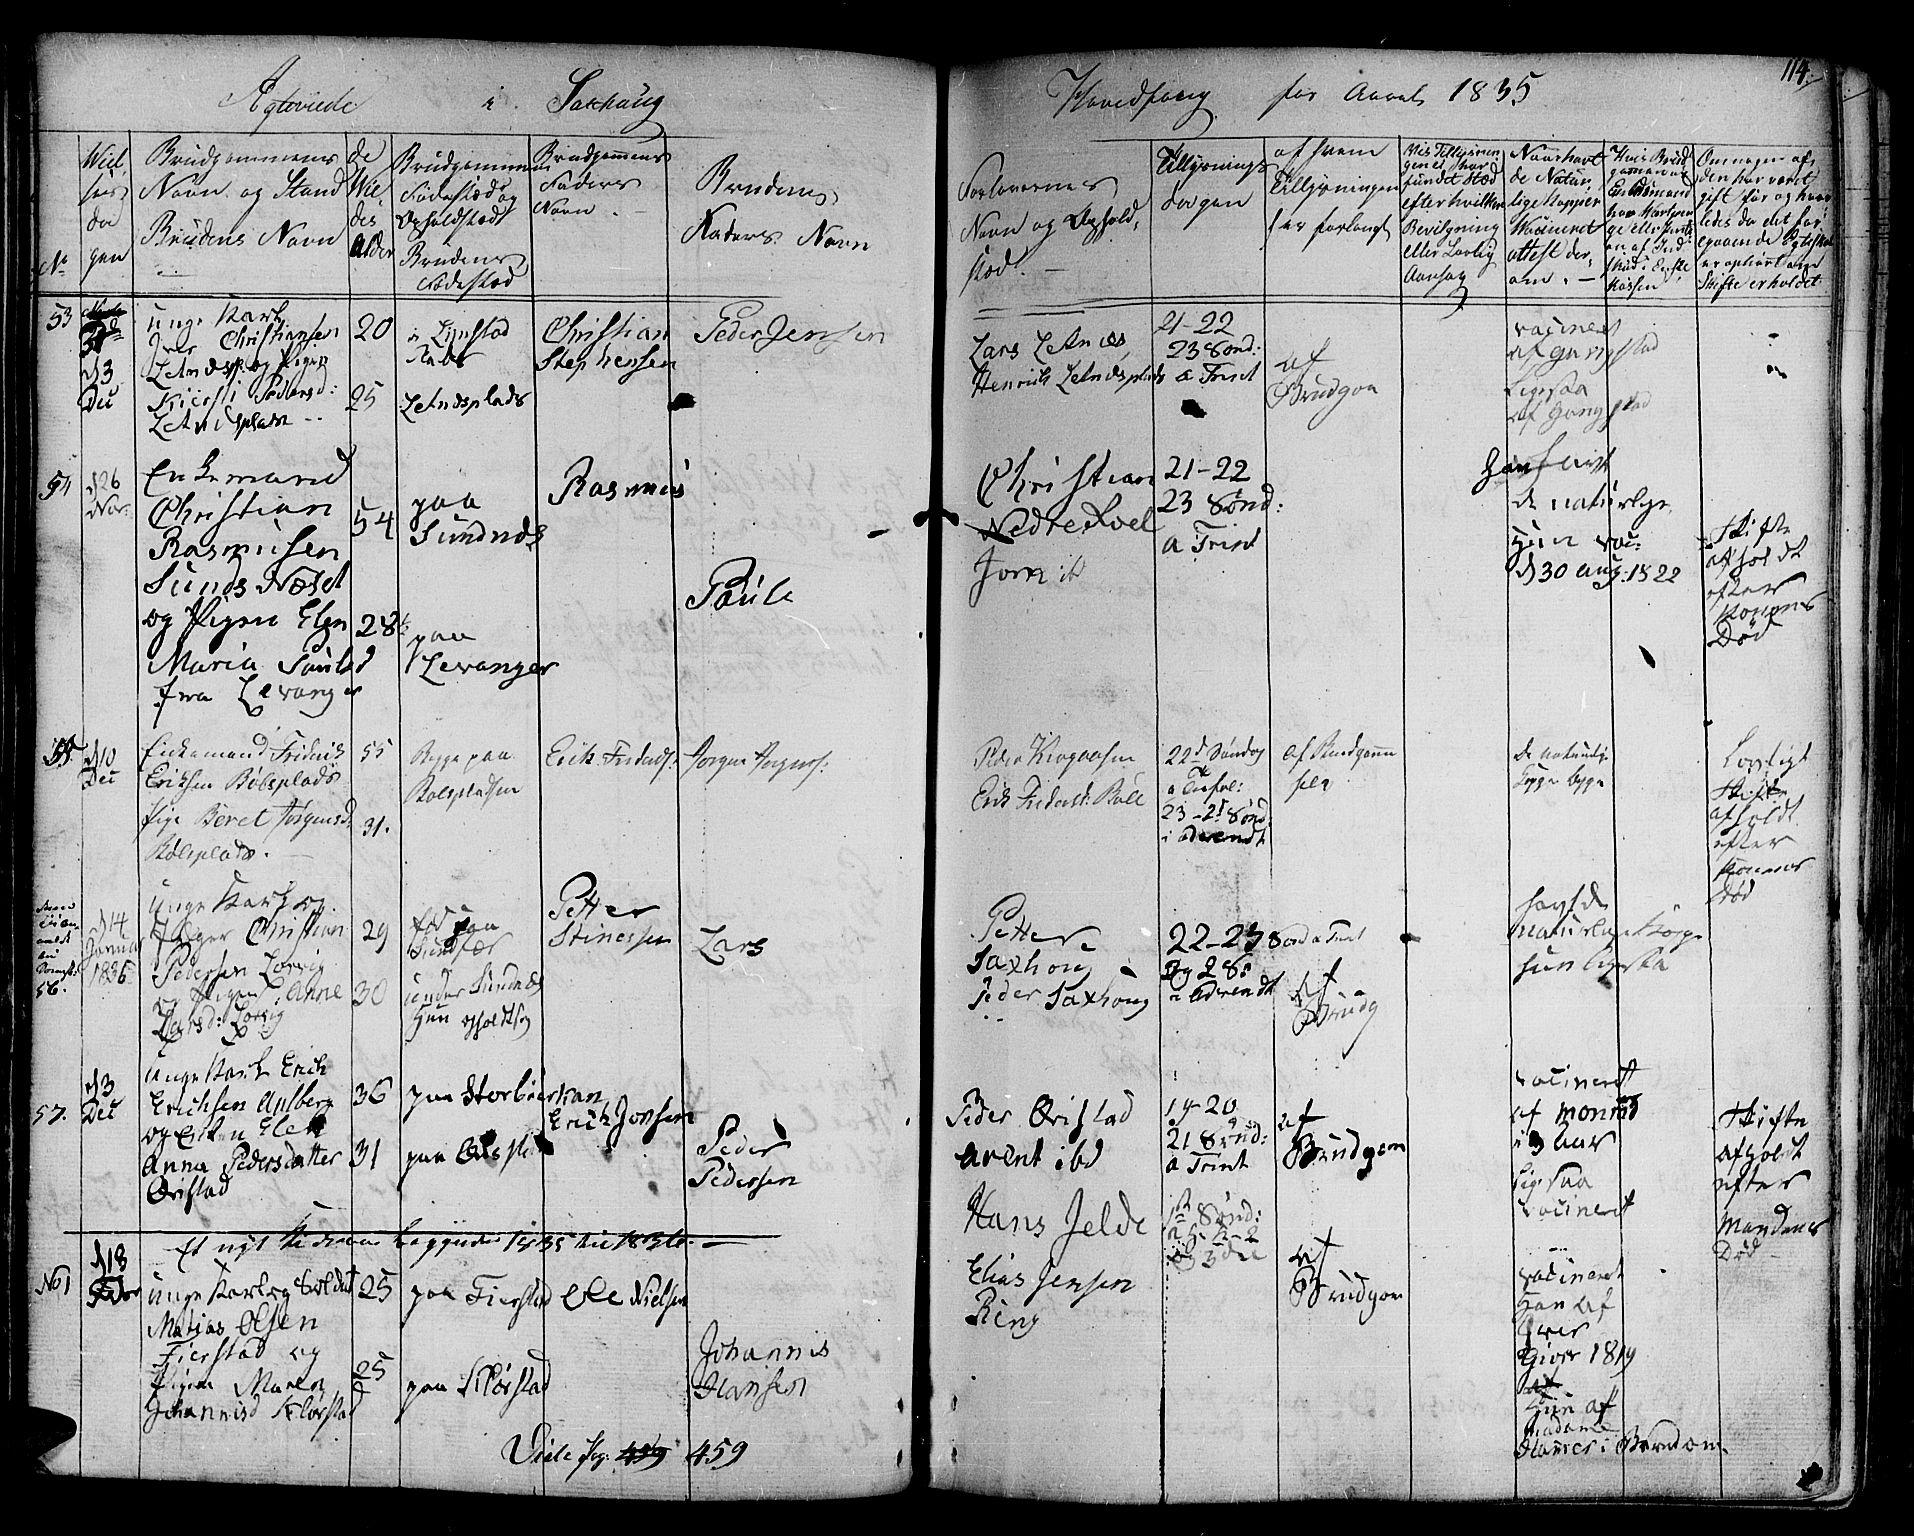 SAT, Ministerialprotokoller, klokkerbøker og fødselsregistre - Nord-Trøndelag, 730/L0277: Ministerialbok nr. 730A06 /1, 1830-1839, s. 114